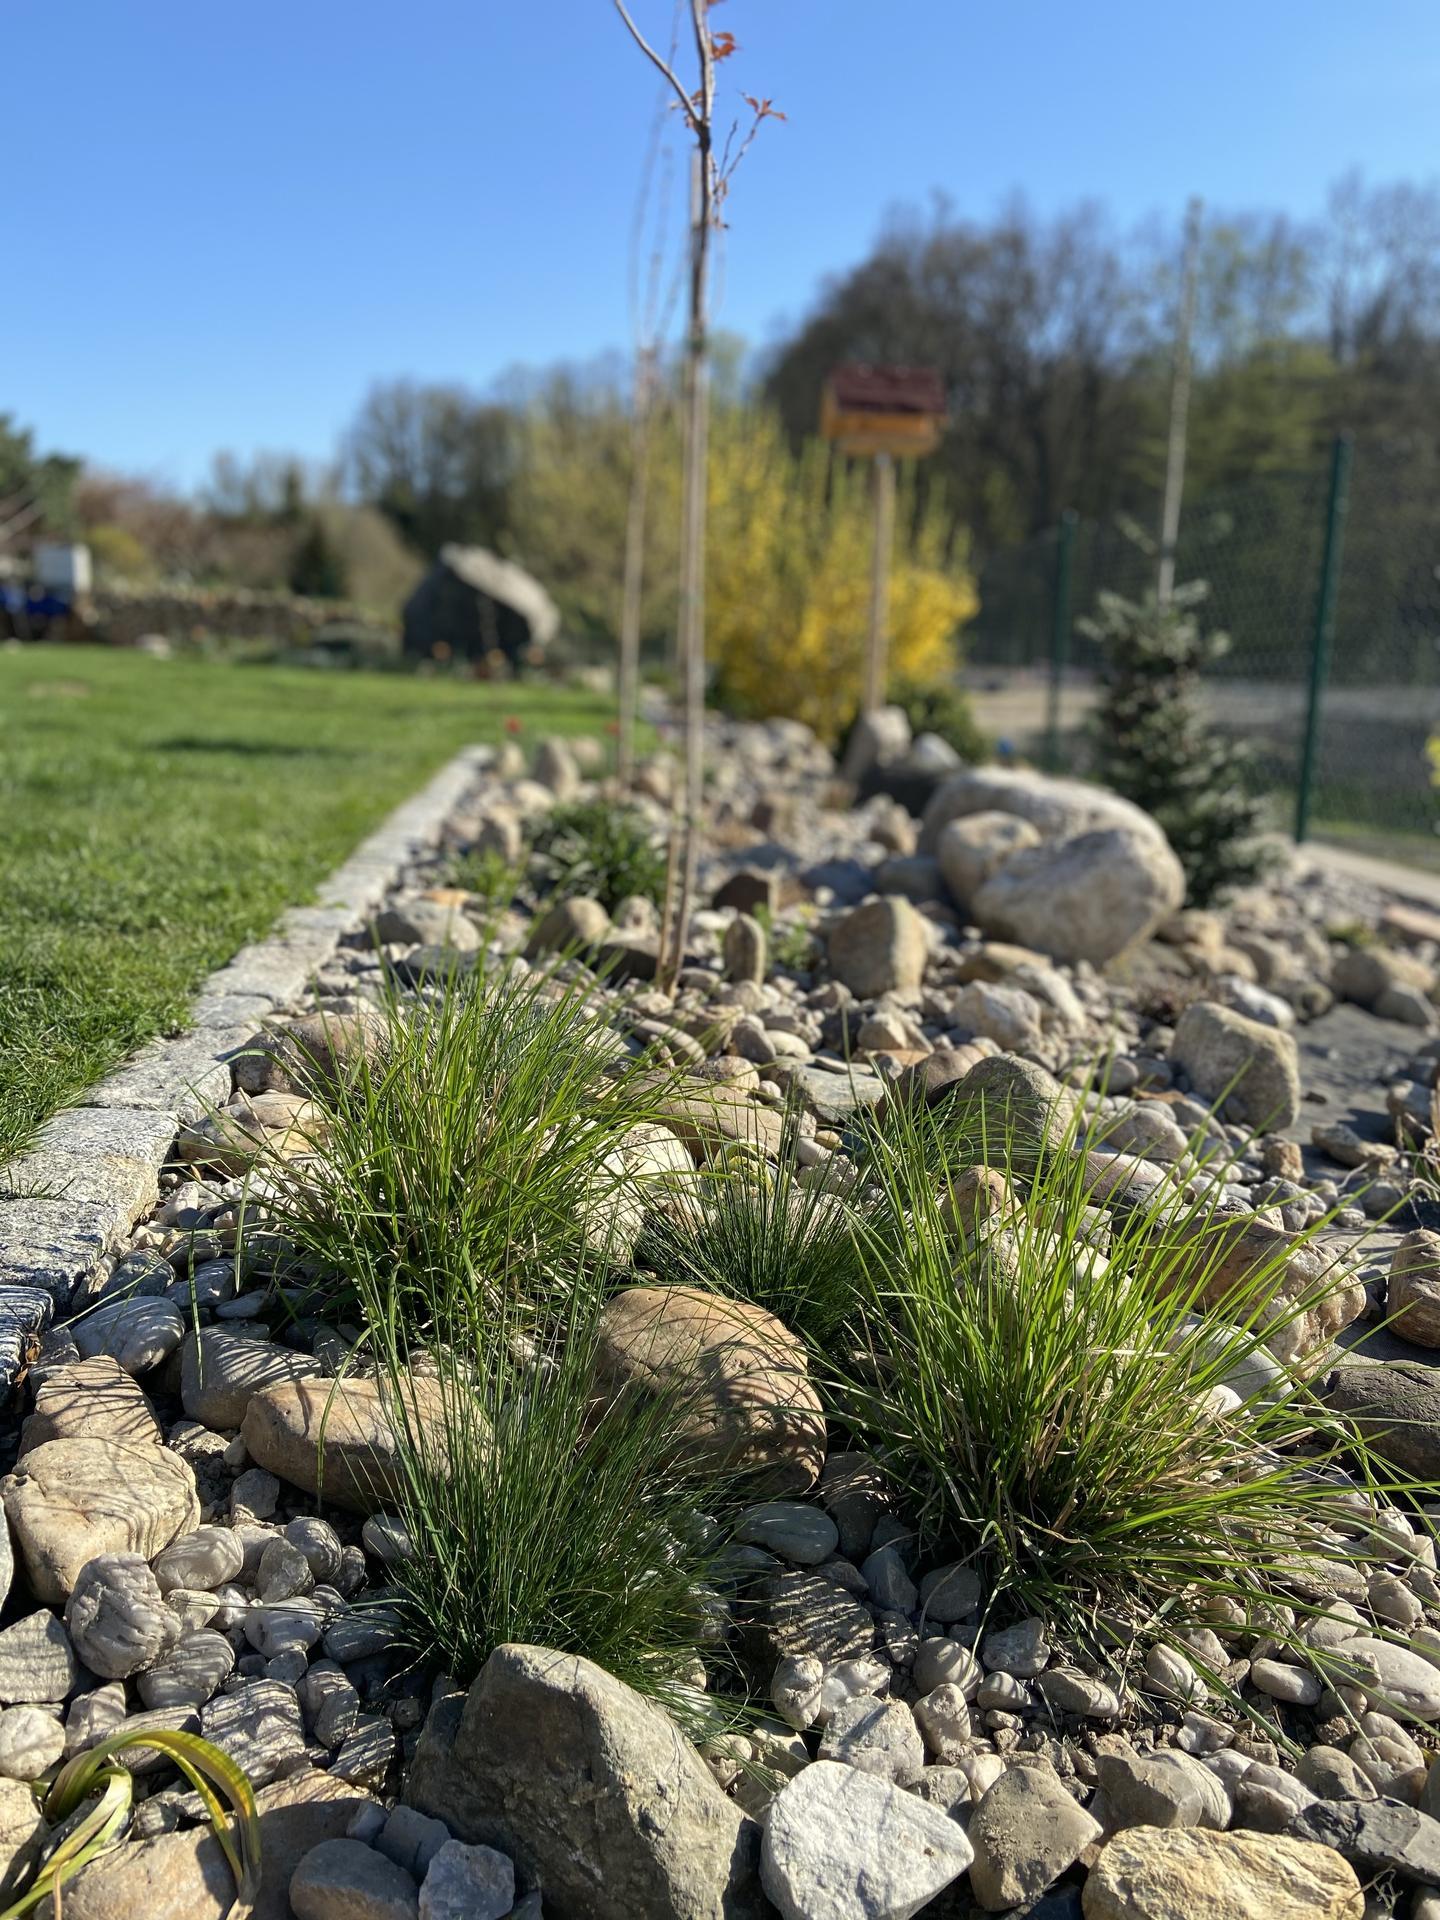 Pergola + zimní zahrada + zahrada - Loňské trávy. Zatím nic moc